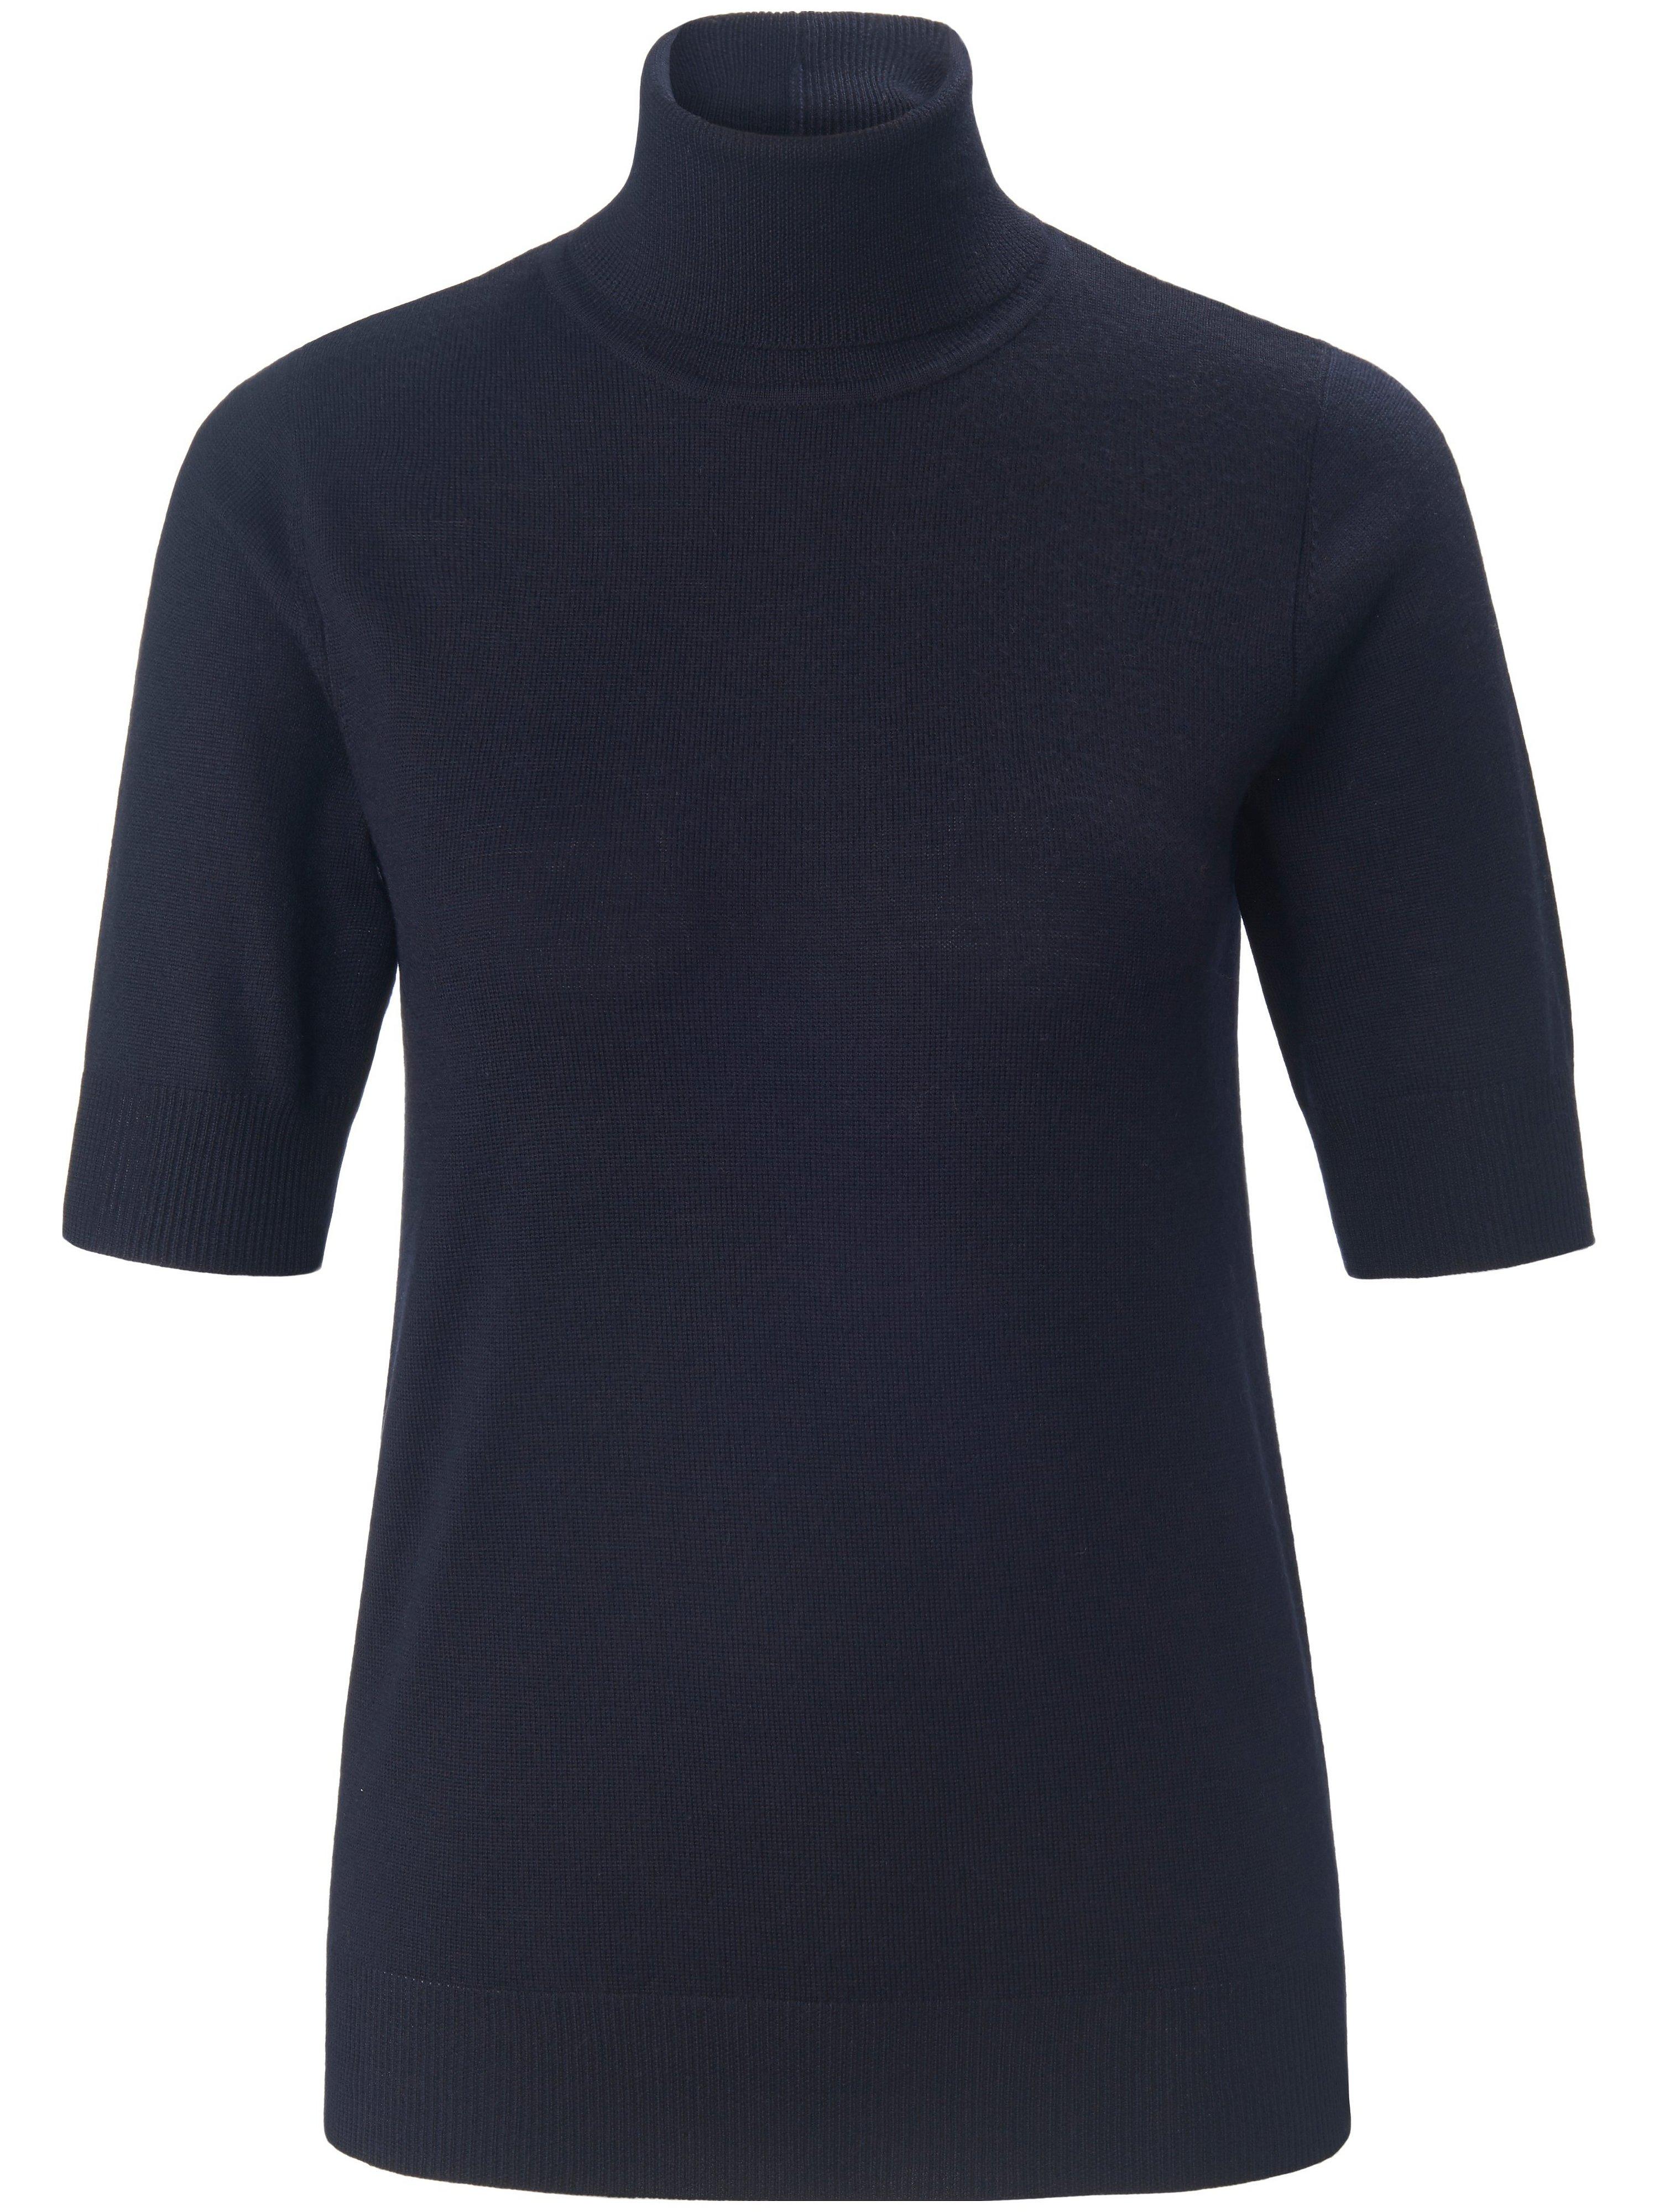 Roll-neck jumper short sleeves Peter Hahn blue